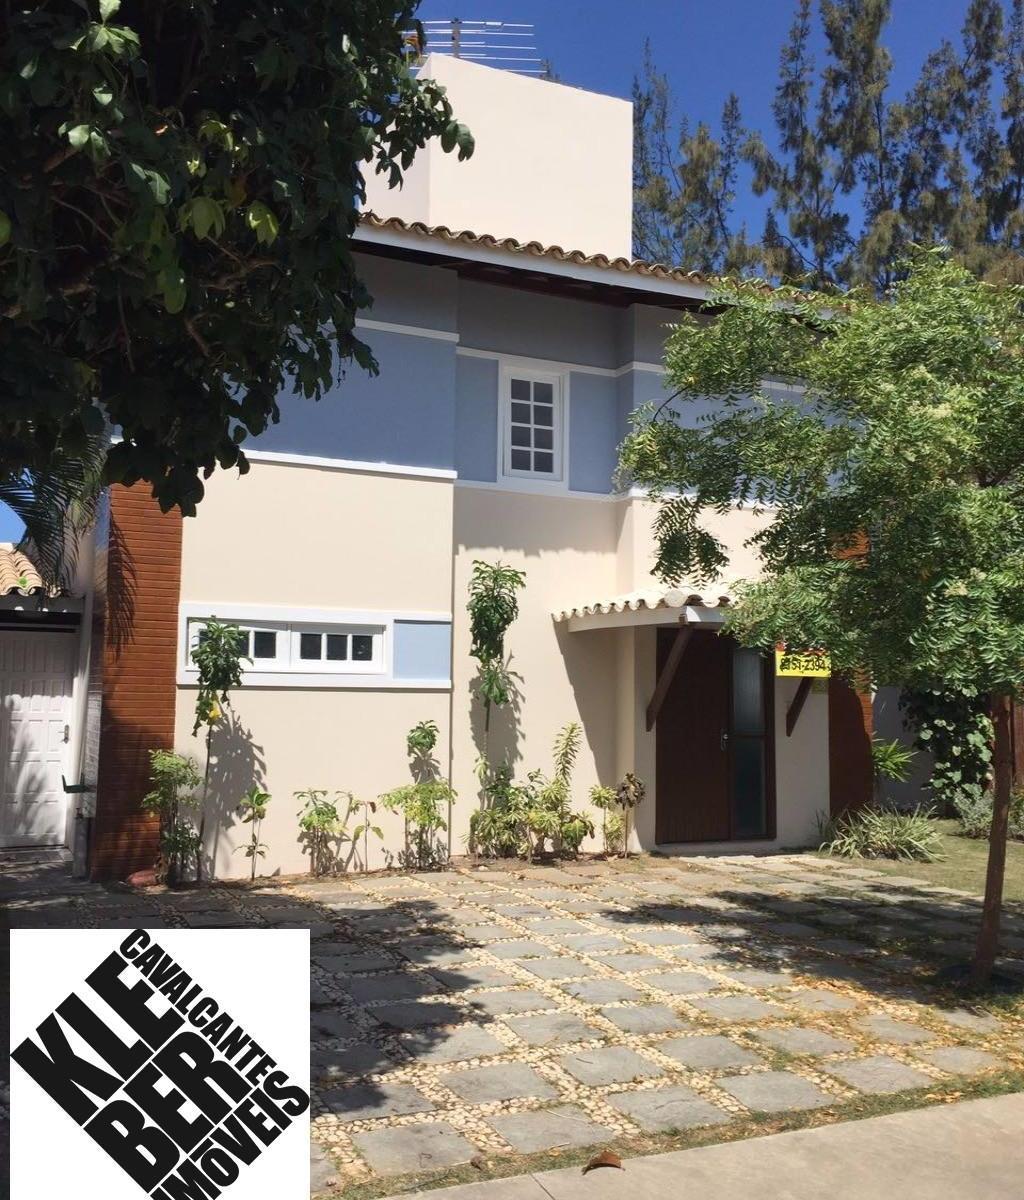 Imagens de #3A5691 Casa para aluguel com 3 Quartos Itapuã Salvador R$ 3.000 200 m2  1024x1200 px 3526 Blindex Banheiro Salvador